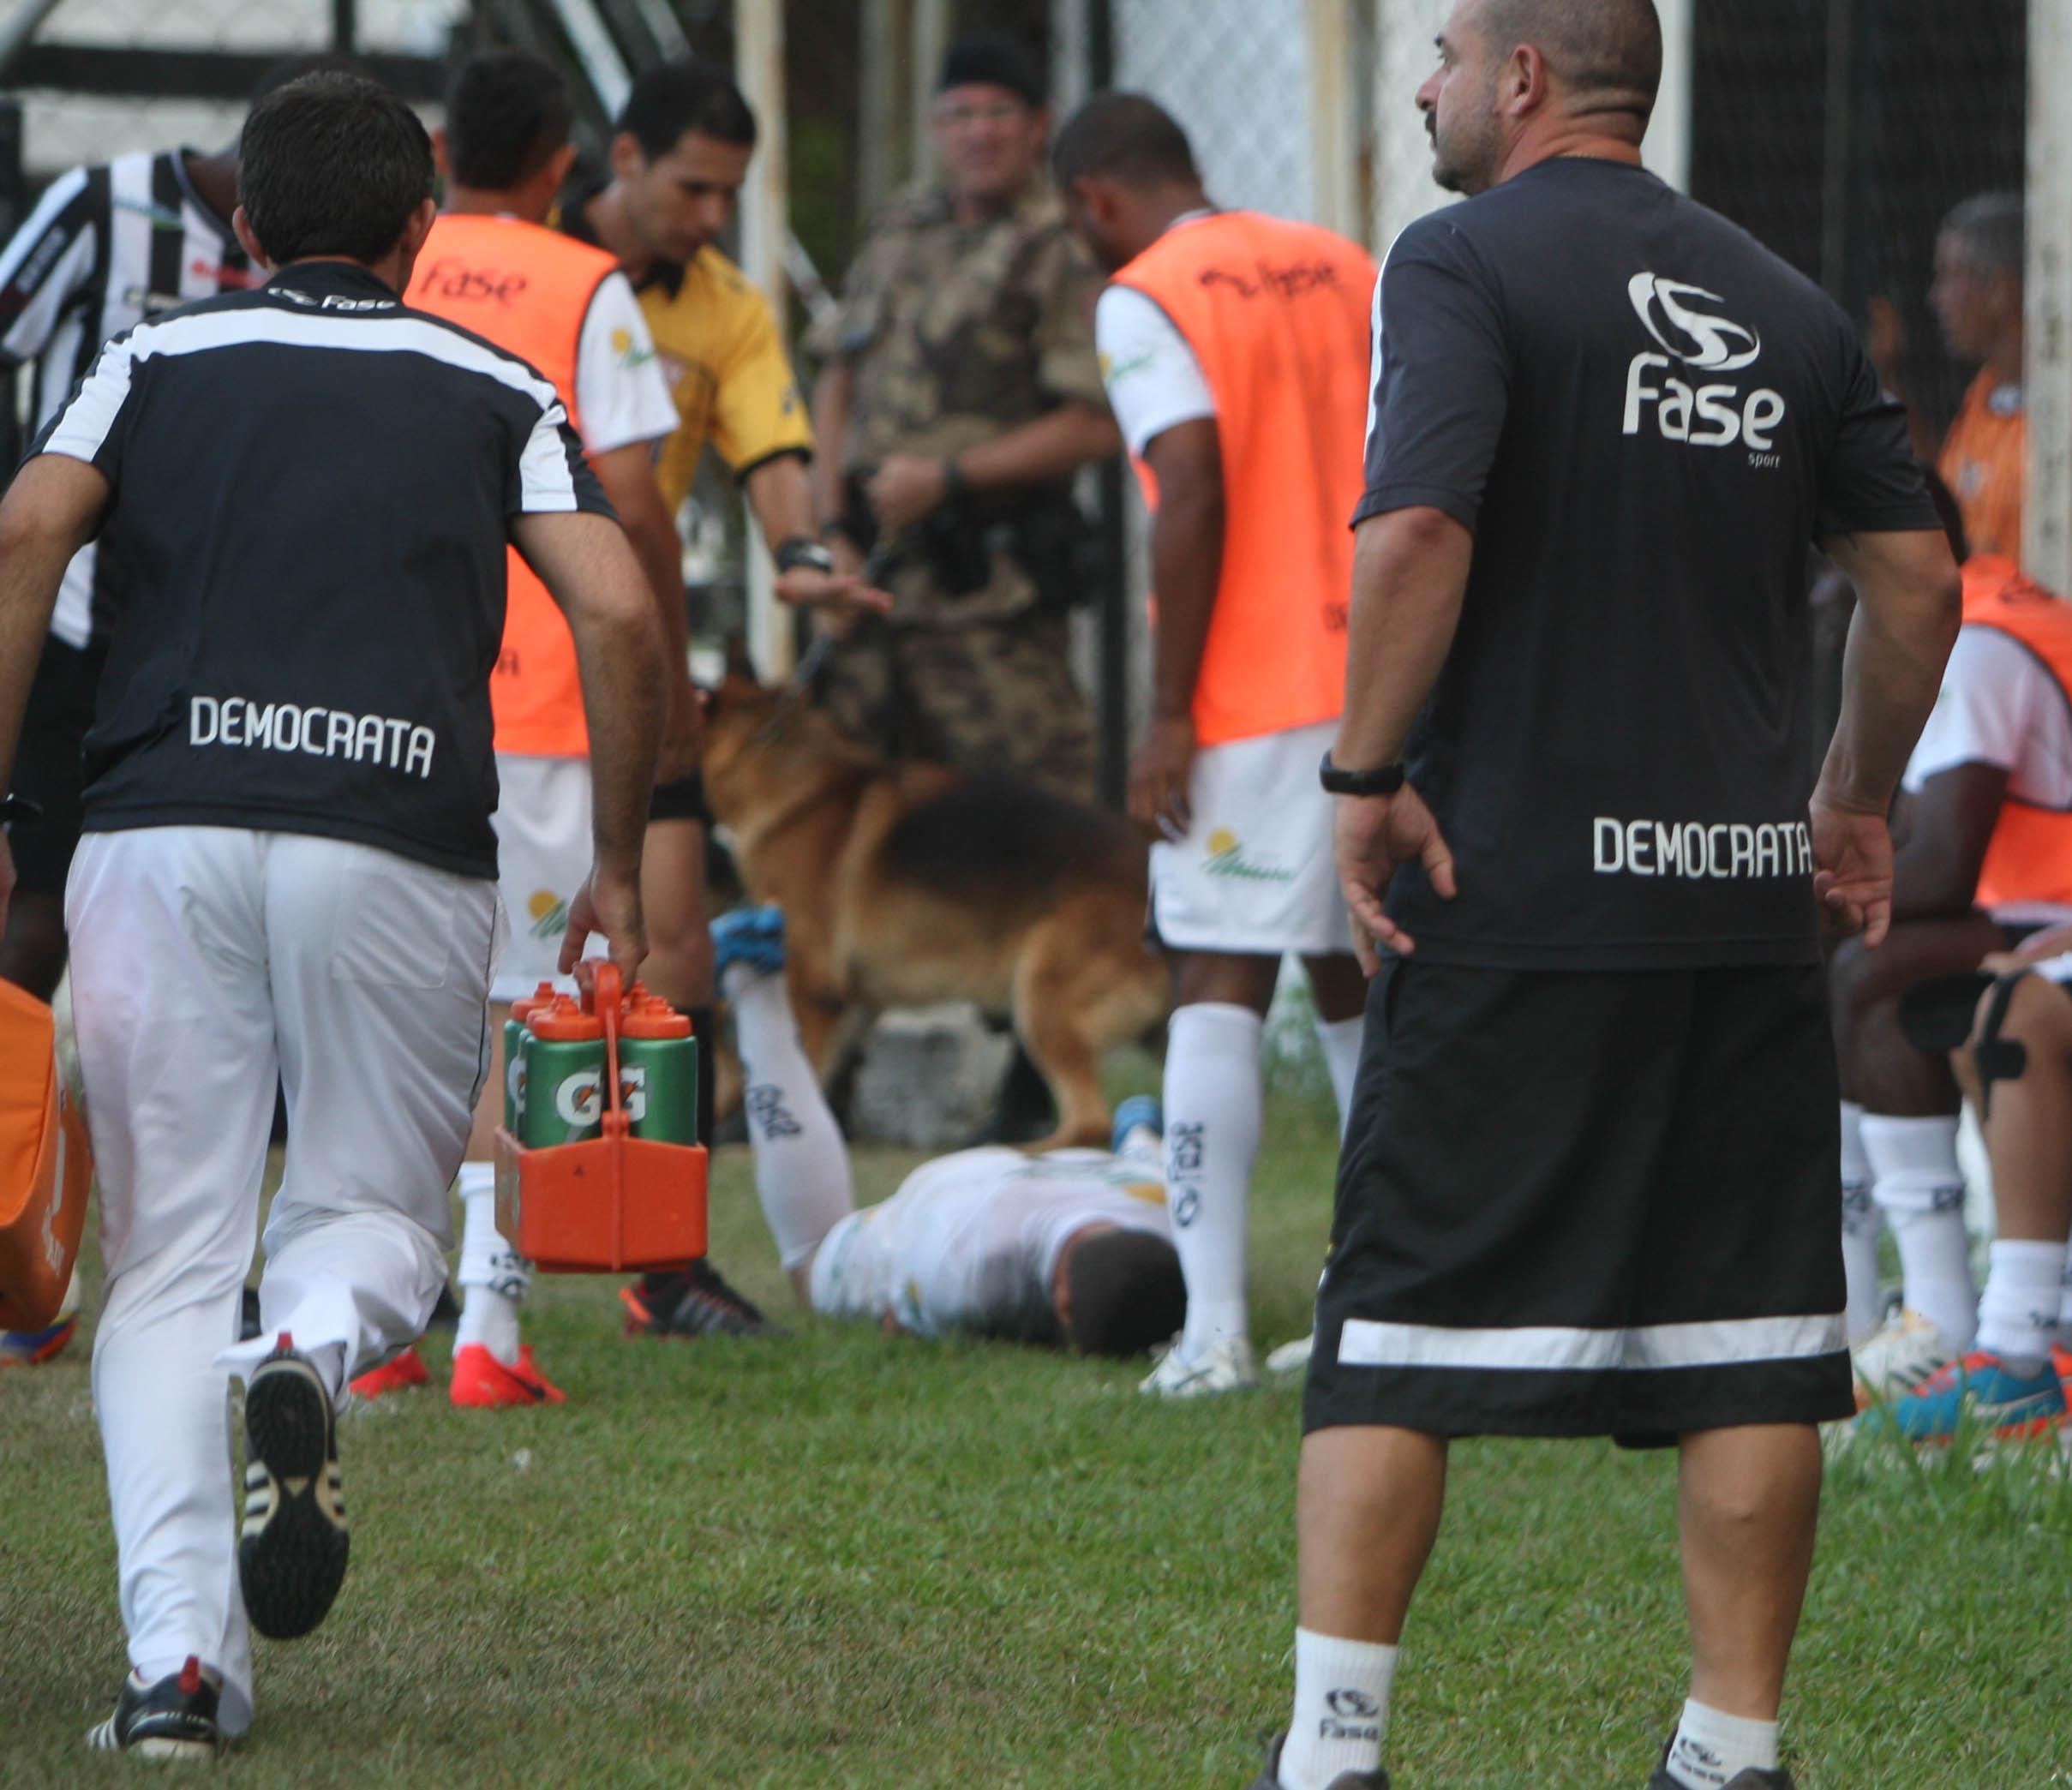 João Paulo levou mordidas no braço e na nádega Crédito: Leonardo Morais/ Estadão conteúdo